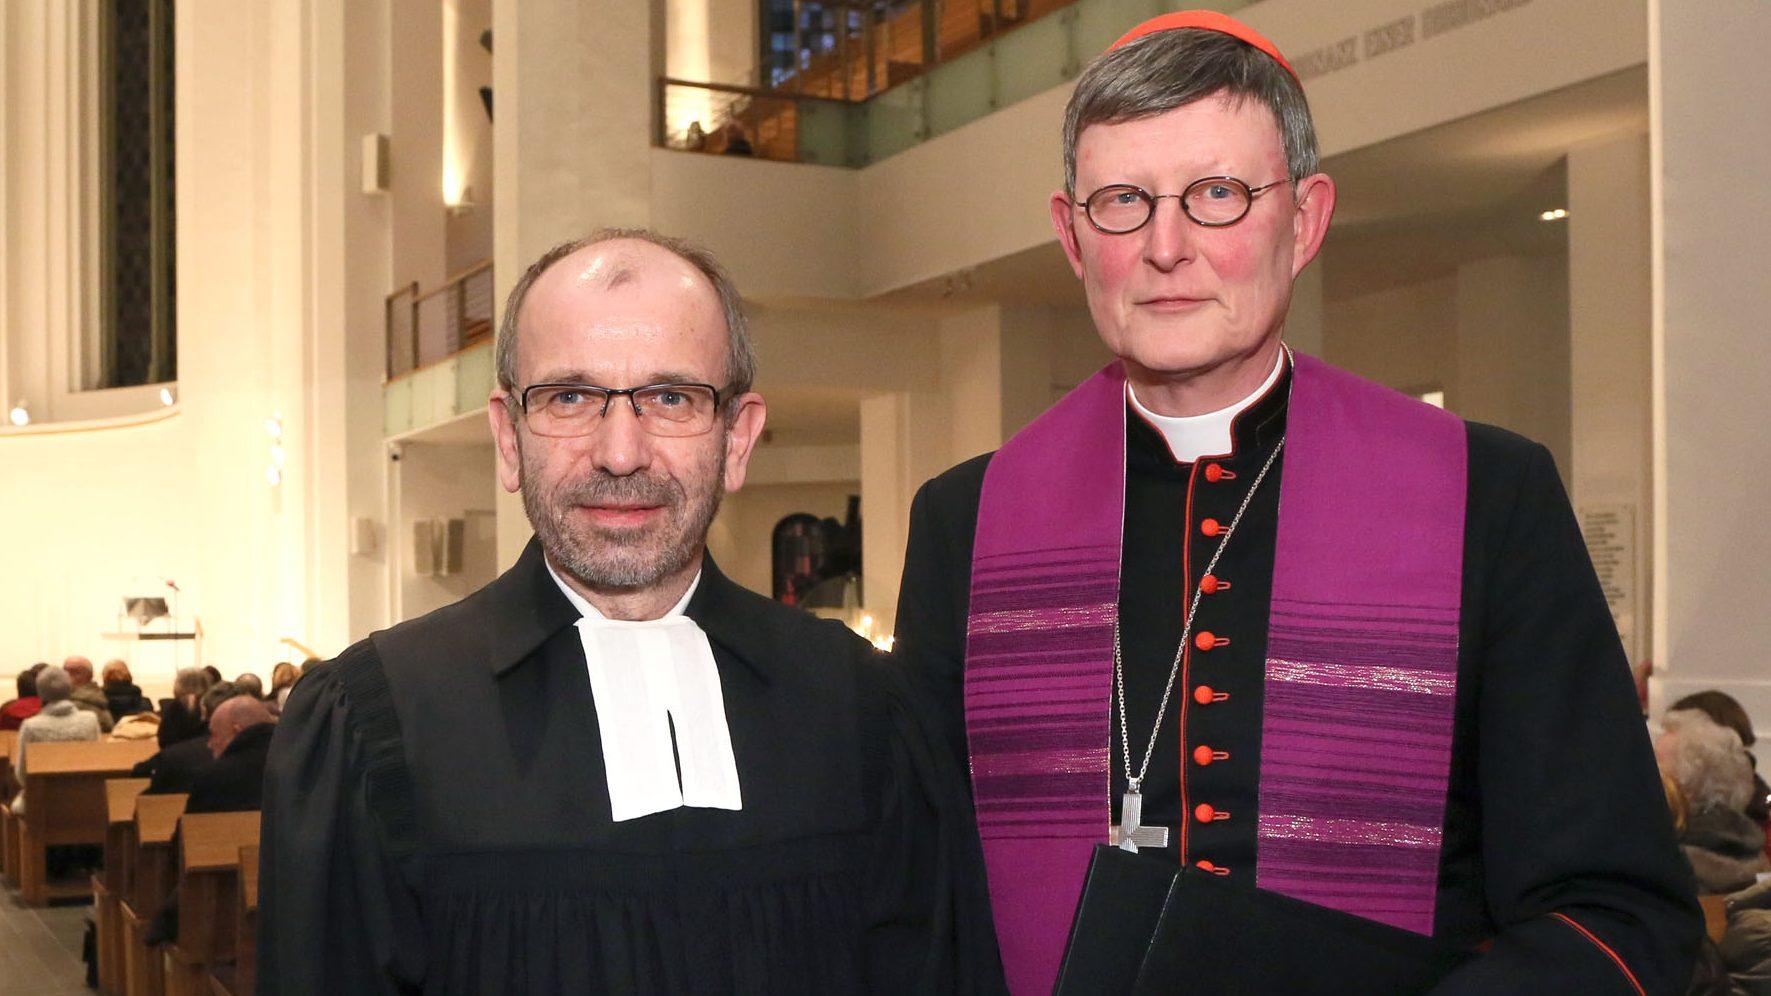 Rekowski und Woelki rufen in Köln zu Solidarität und Mitgefühl in Corona-Krise auf